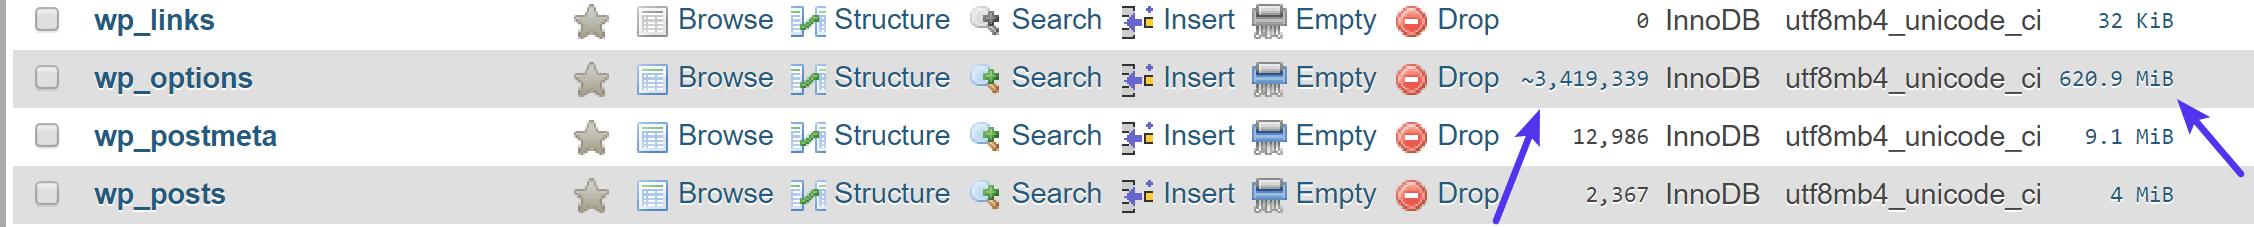 Tabla de wp_options con millones de líneas